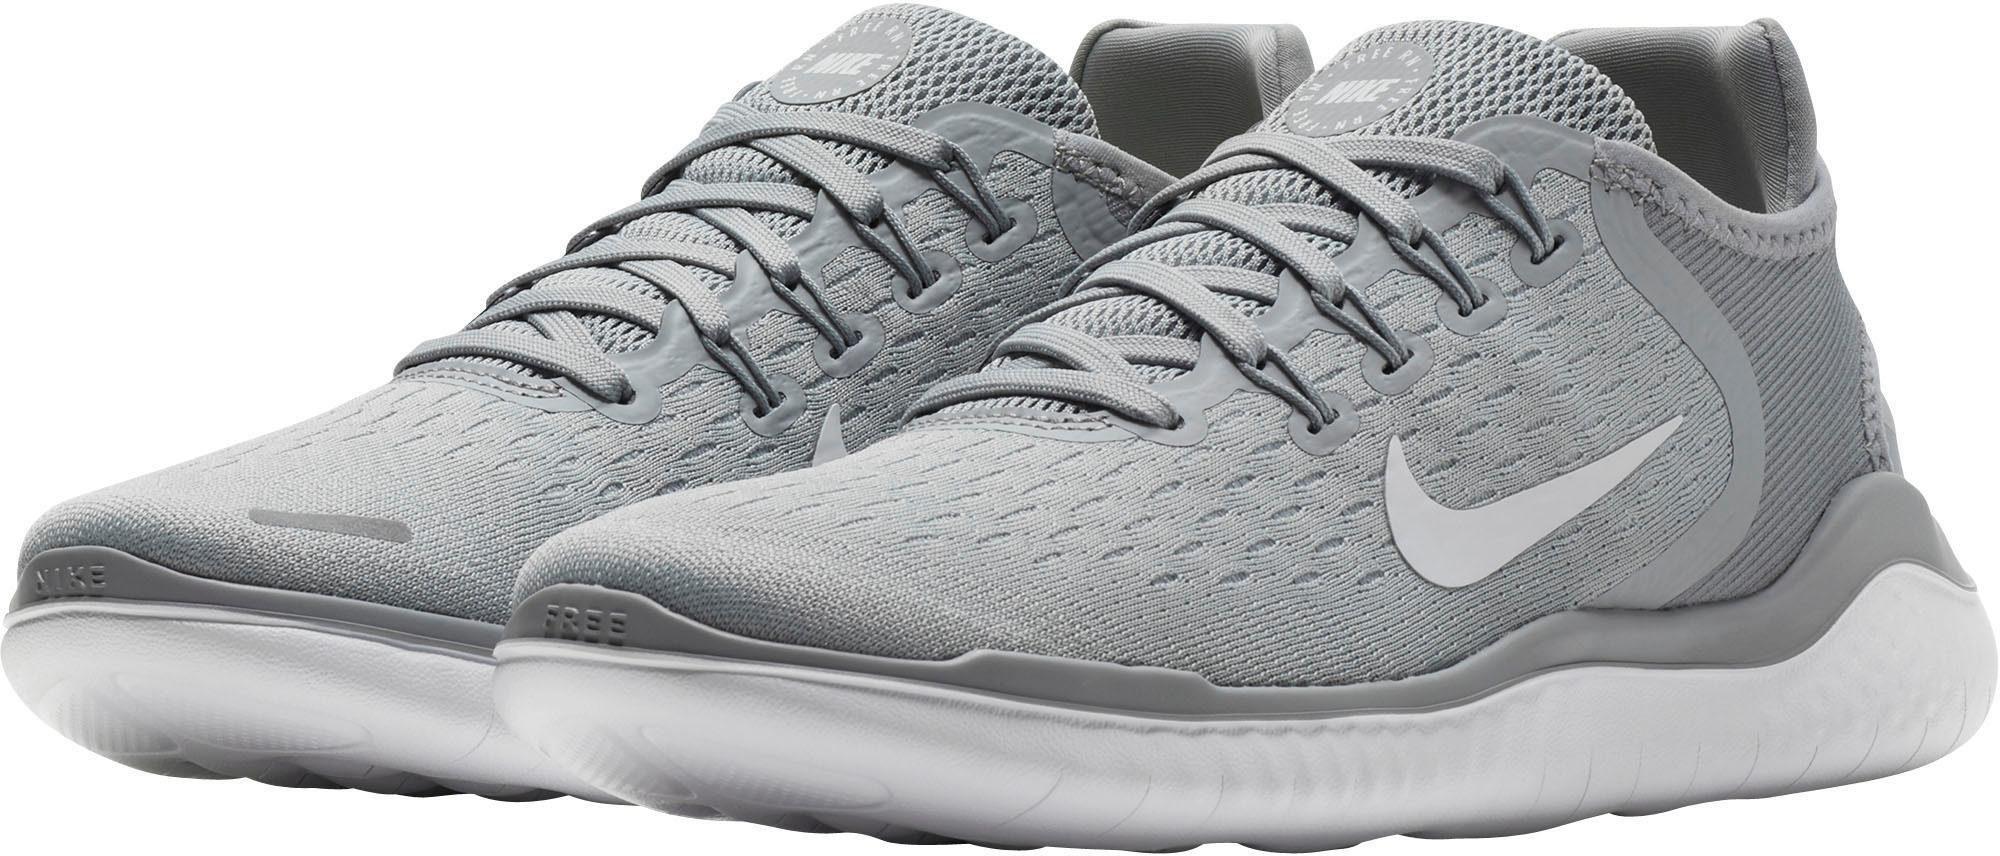 Nike »Wmns Free Run 2018« Laufschuh, Atmungsaktives Obermaterial aus Textil mit Spandex online kaufen | OTTO